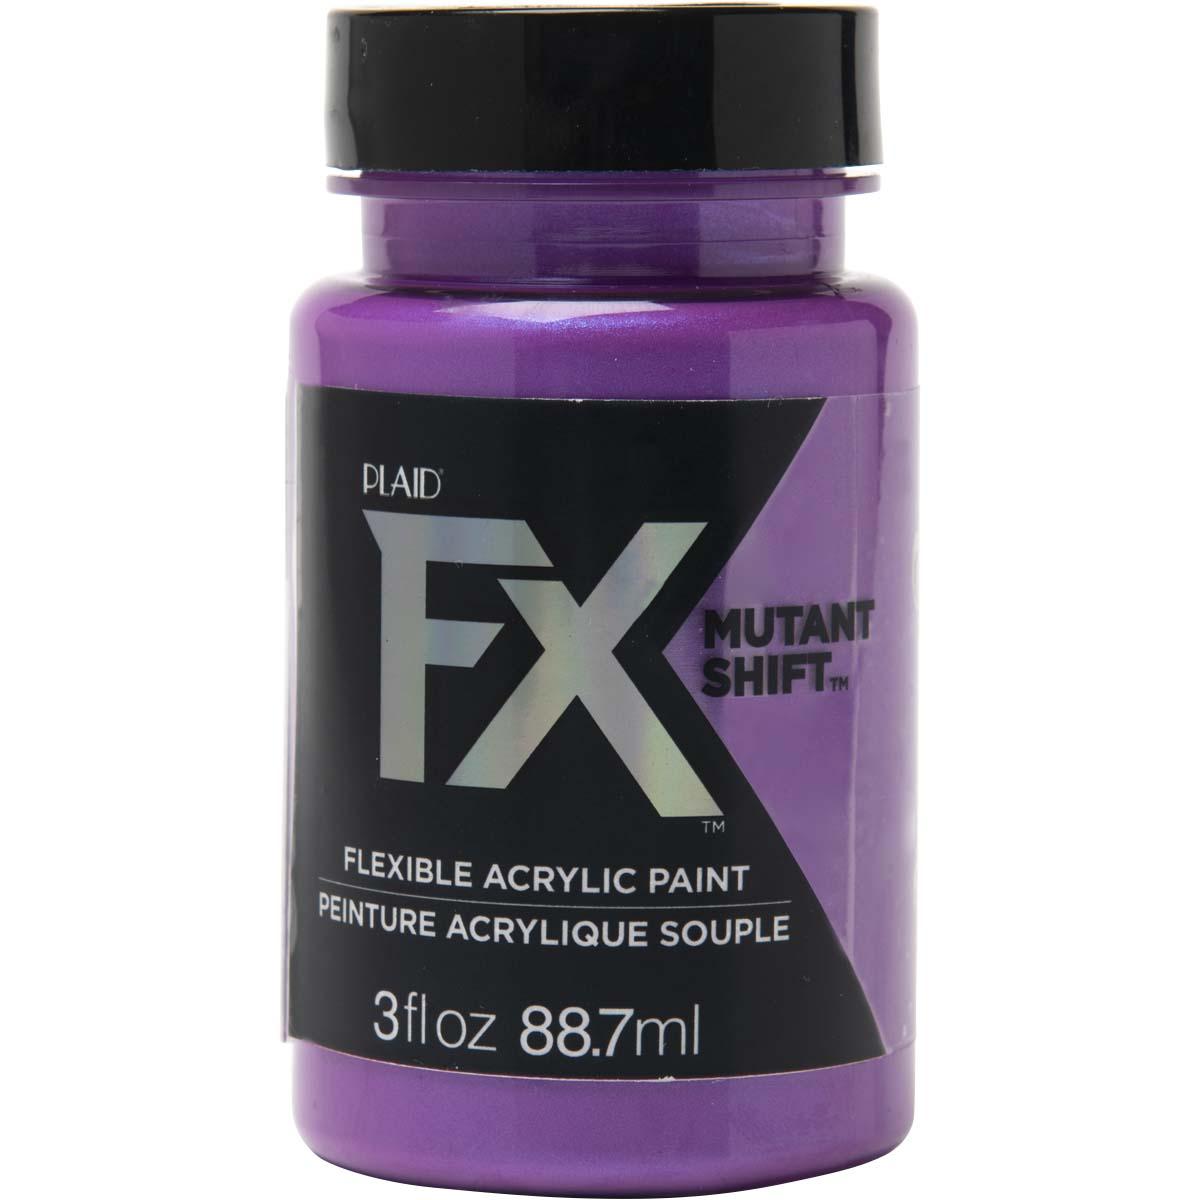 PlaidFX Mutant Shift Flexible Acrylic Paint - Ultraviolet, 3 oz. - 36909